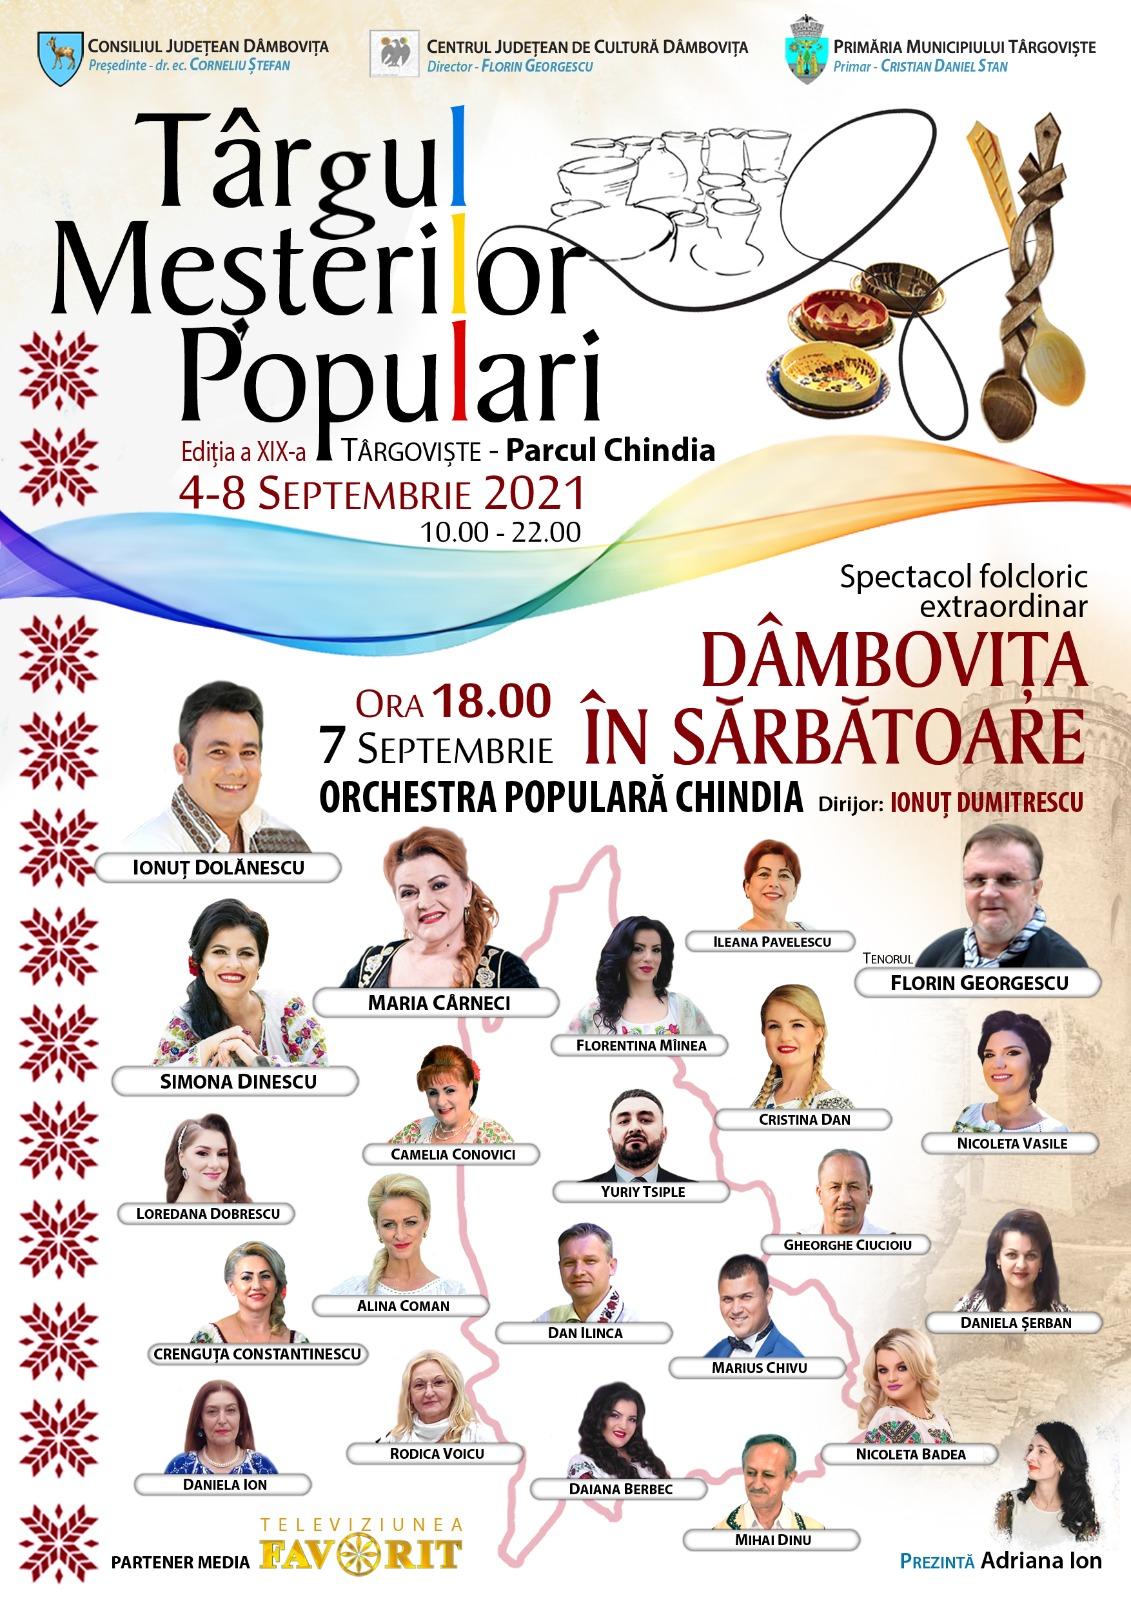 Consiliul Județean Dâmbovița în parteneriat cu Primăria Municipiului Târgoviște, organizează manifestări artistice și culturale, cu ocazia Zilelor Cetății Târgoviște